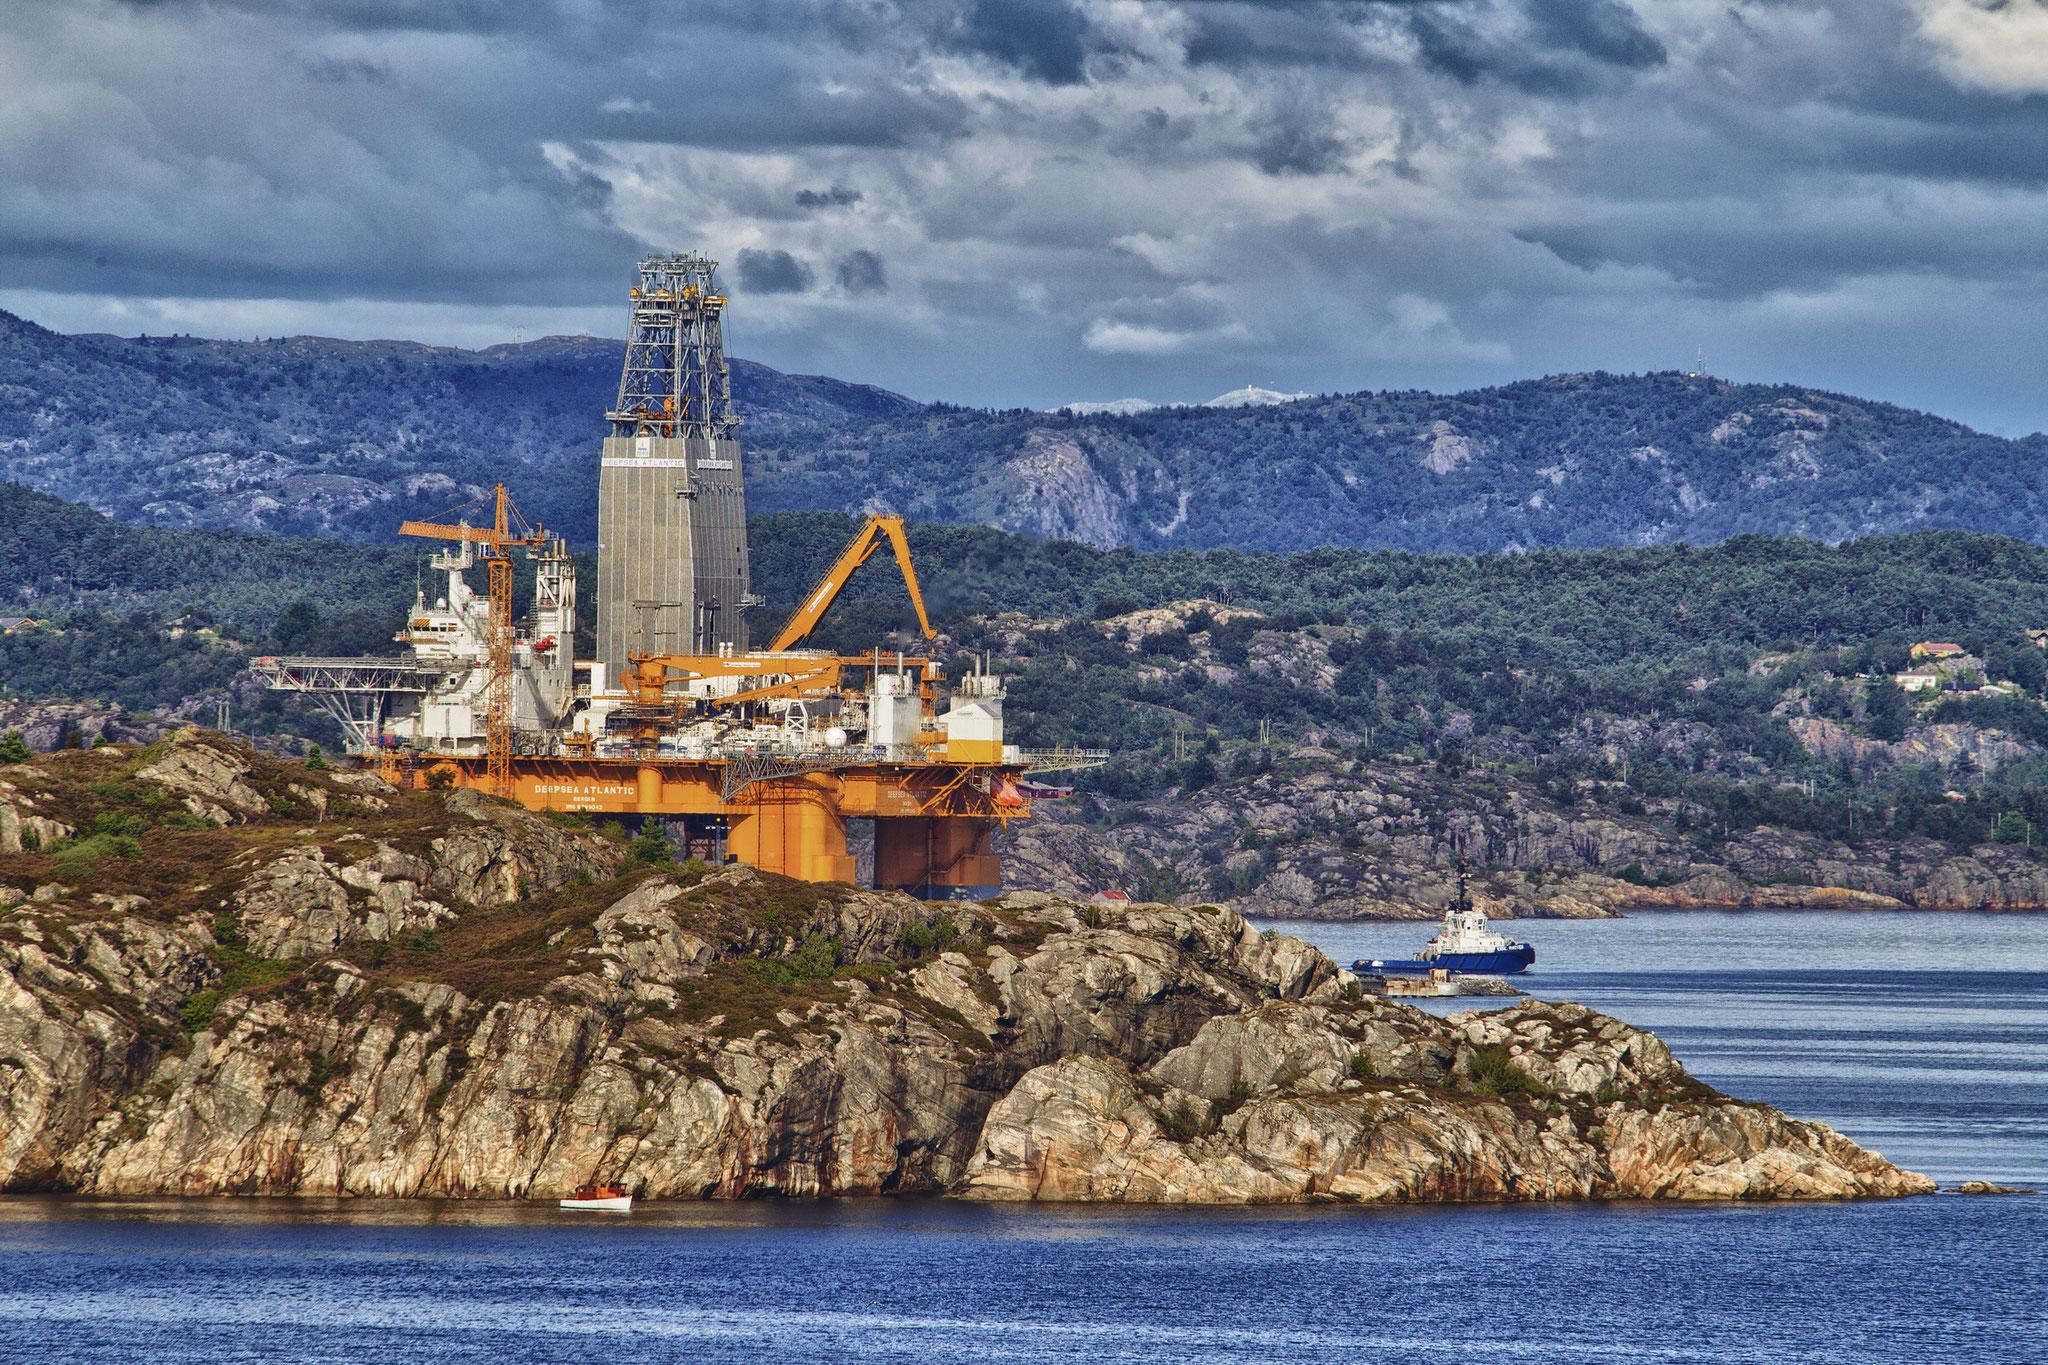 © Hans G. Lehmann | Drilling platform Deepsea Atlantic off Bergen, Norwegen